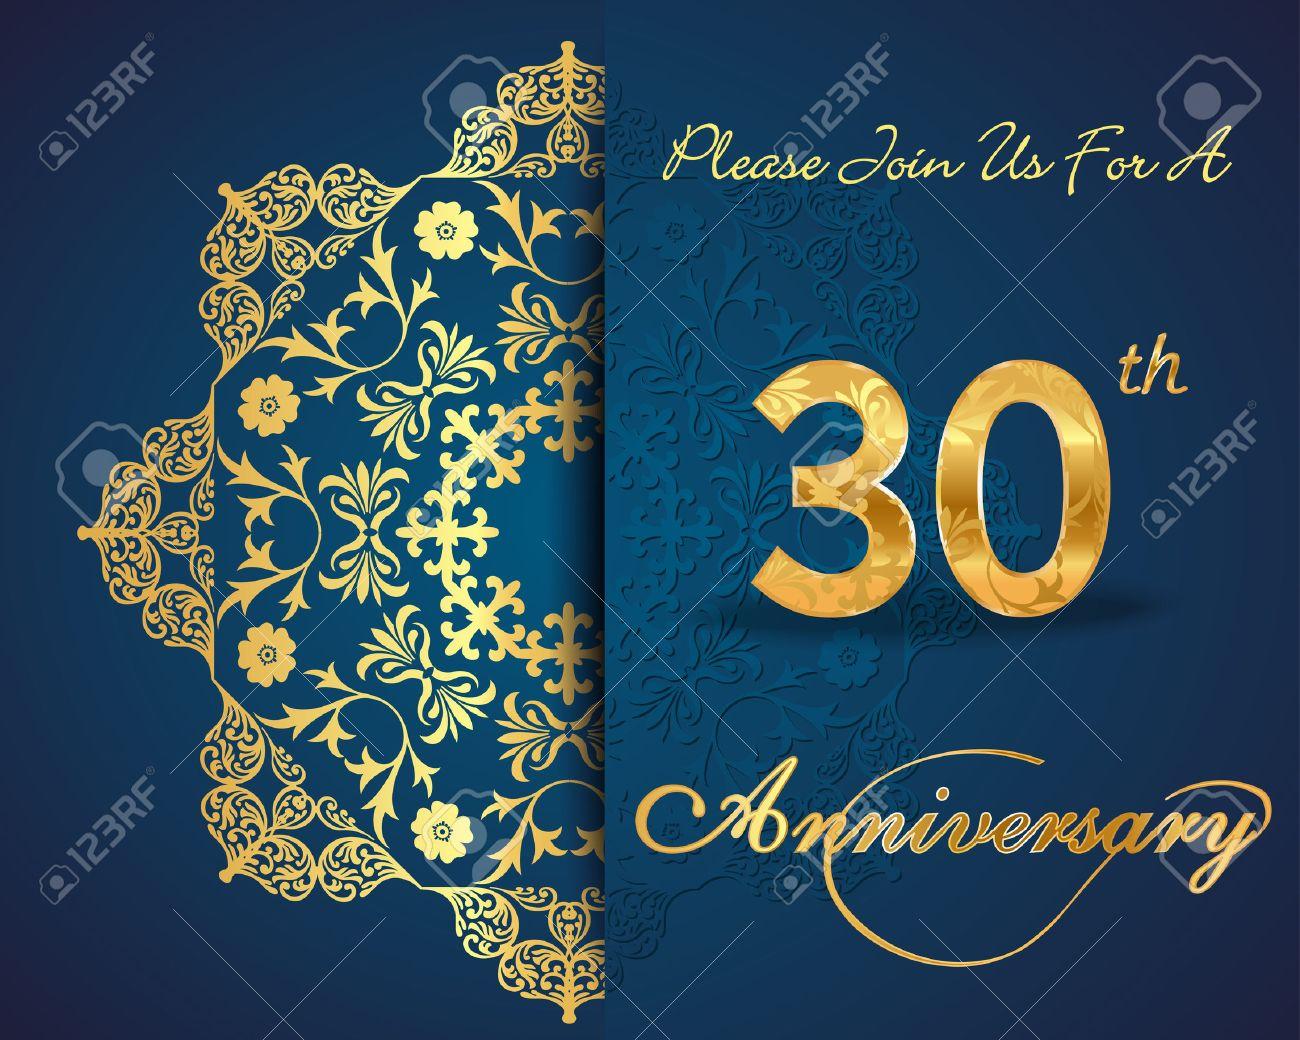 34 Anniversario Di Matrimonio.30 Year Anniversary Celebration Pattern Design 30th Anniversary